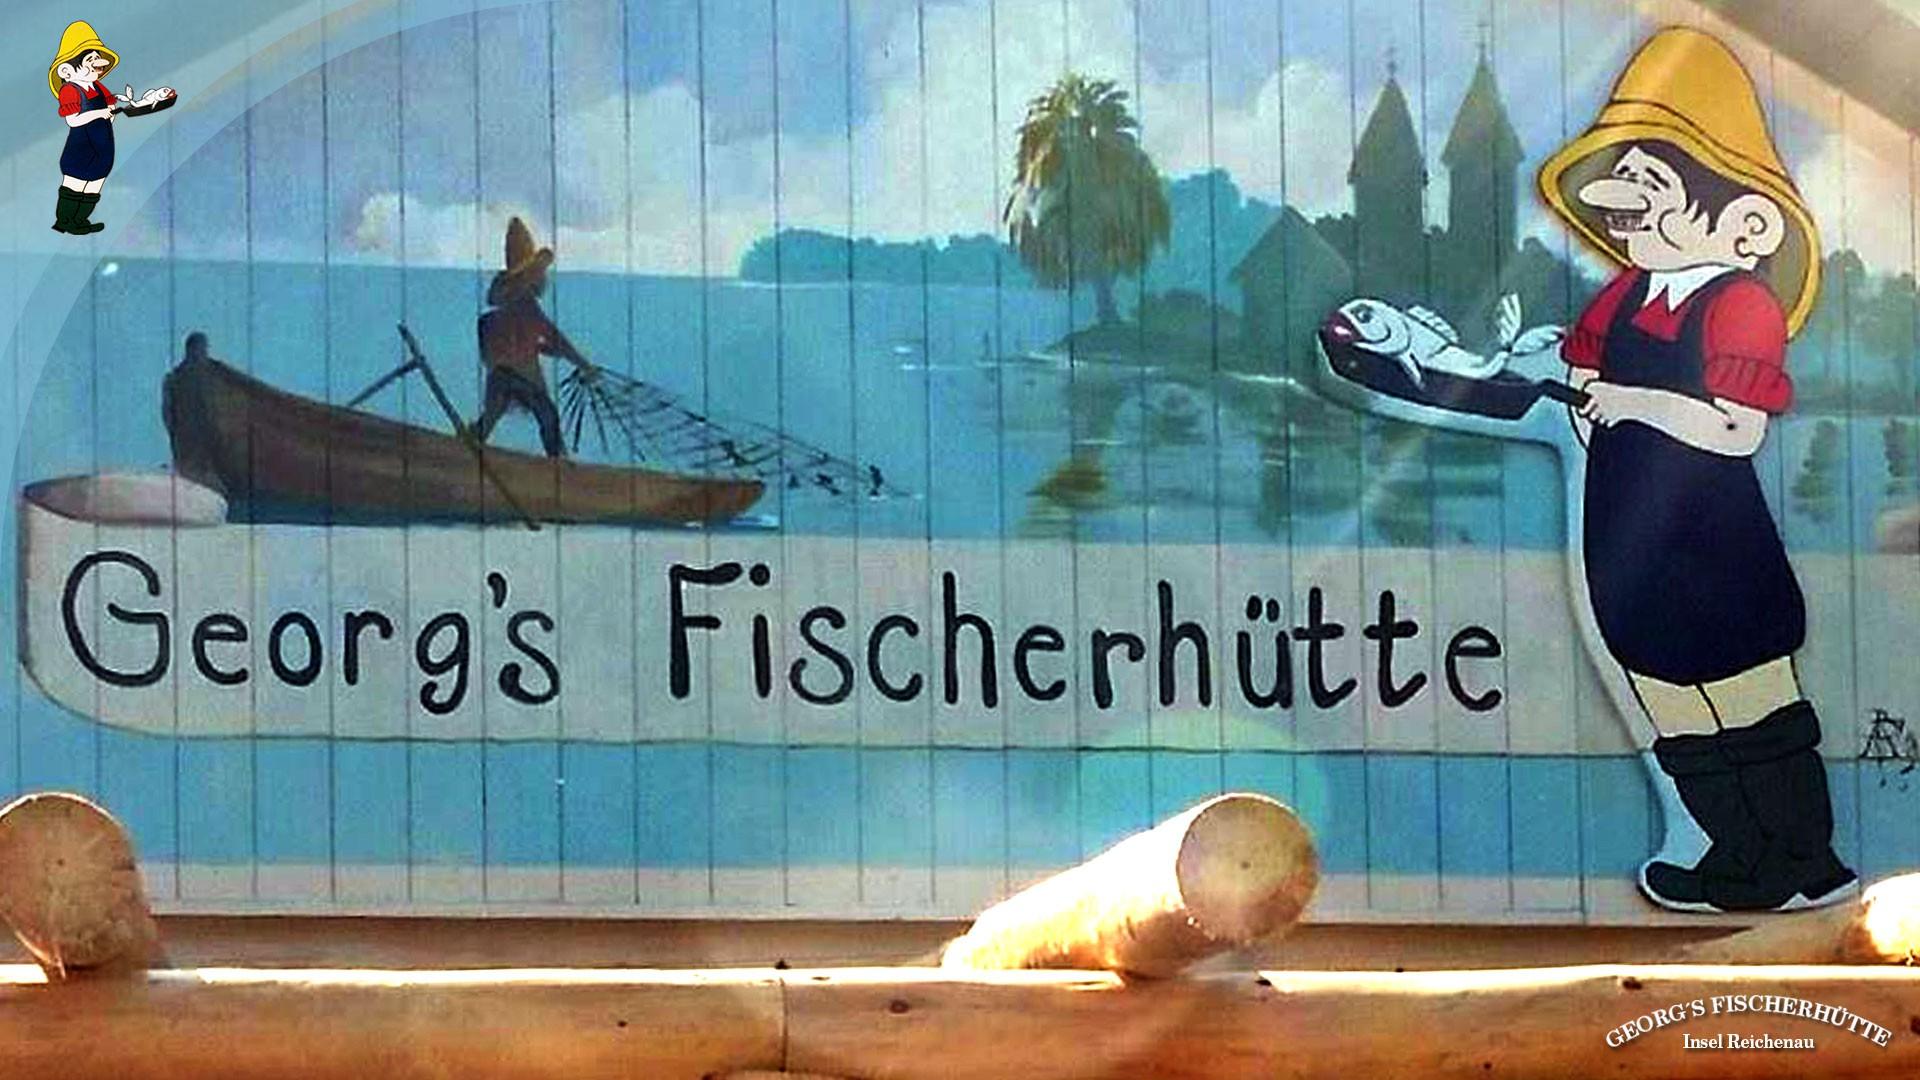 Bodensee-Fisch-Restaurant Georg's Fischerhütte Konstanz-Reichenau, bei Sankt Peter und Paul